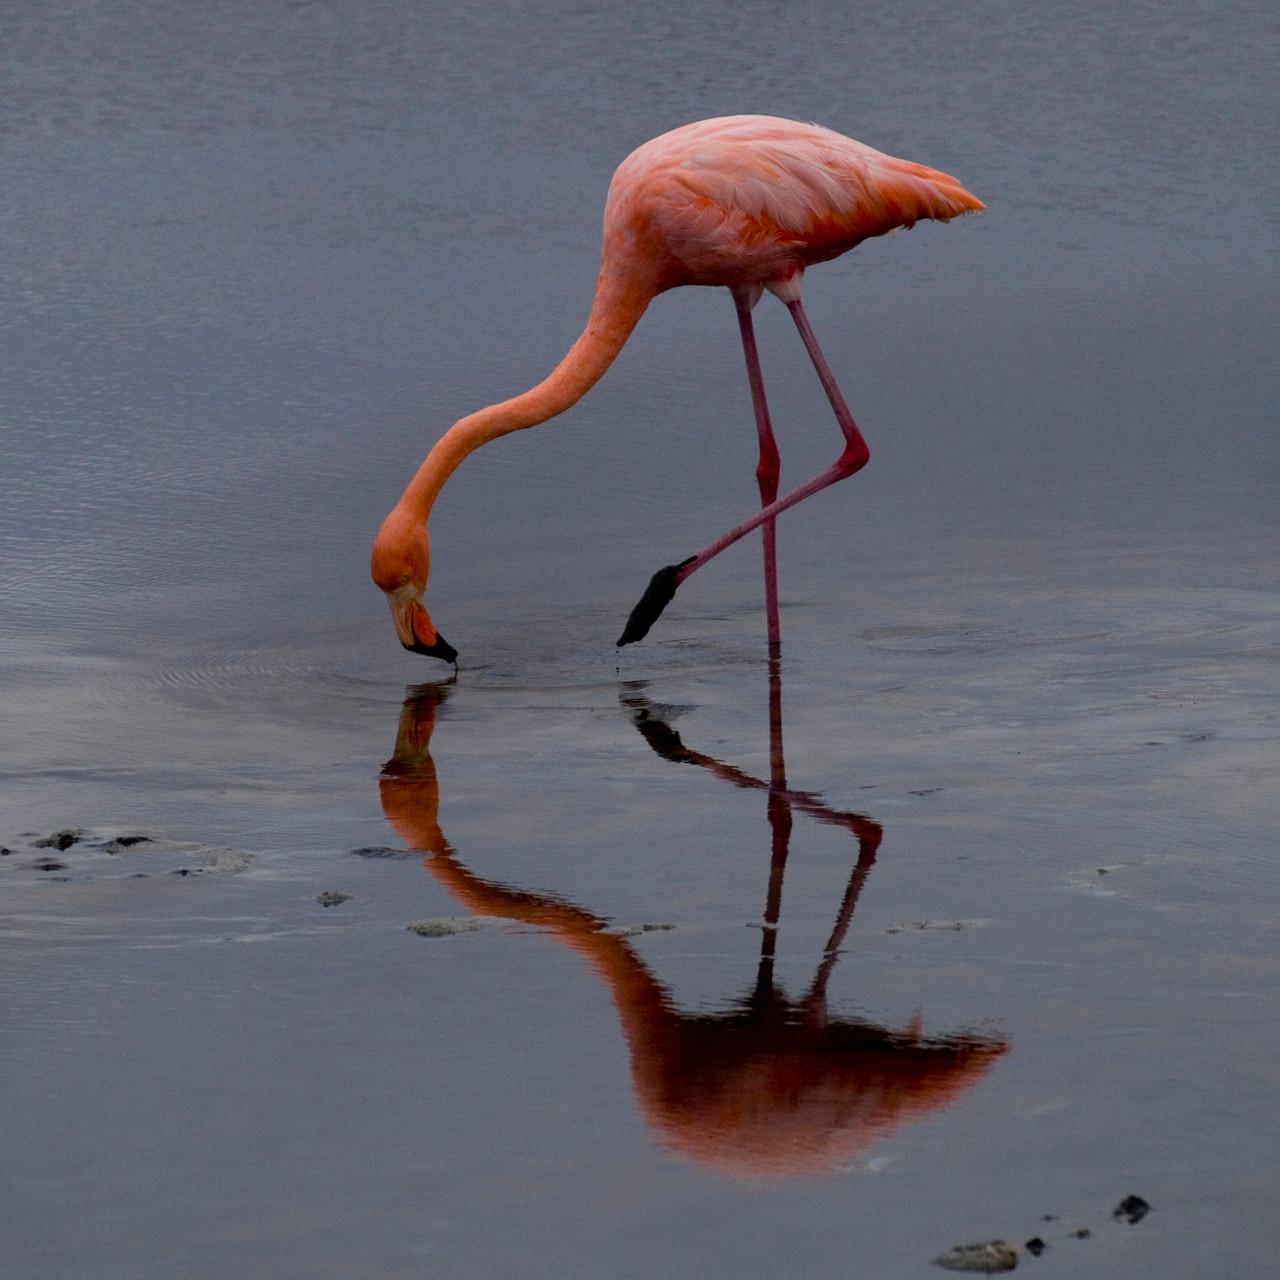 Flamingo [Galapagos, Ecuador, 2009]